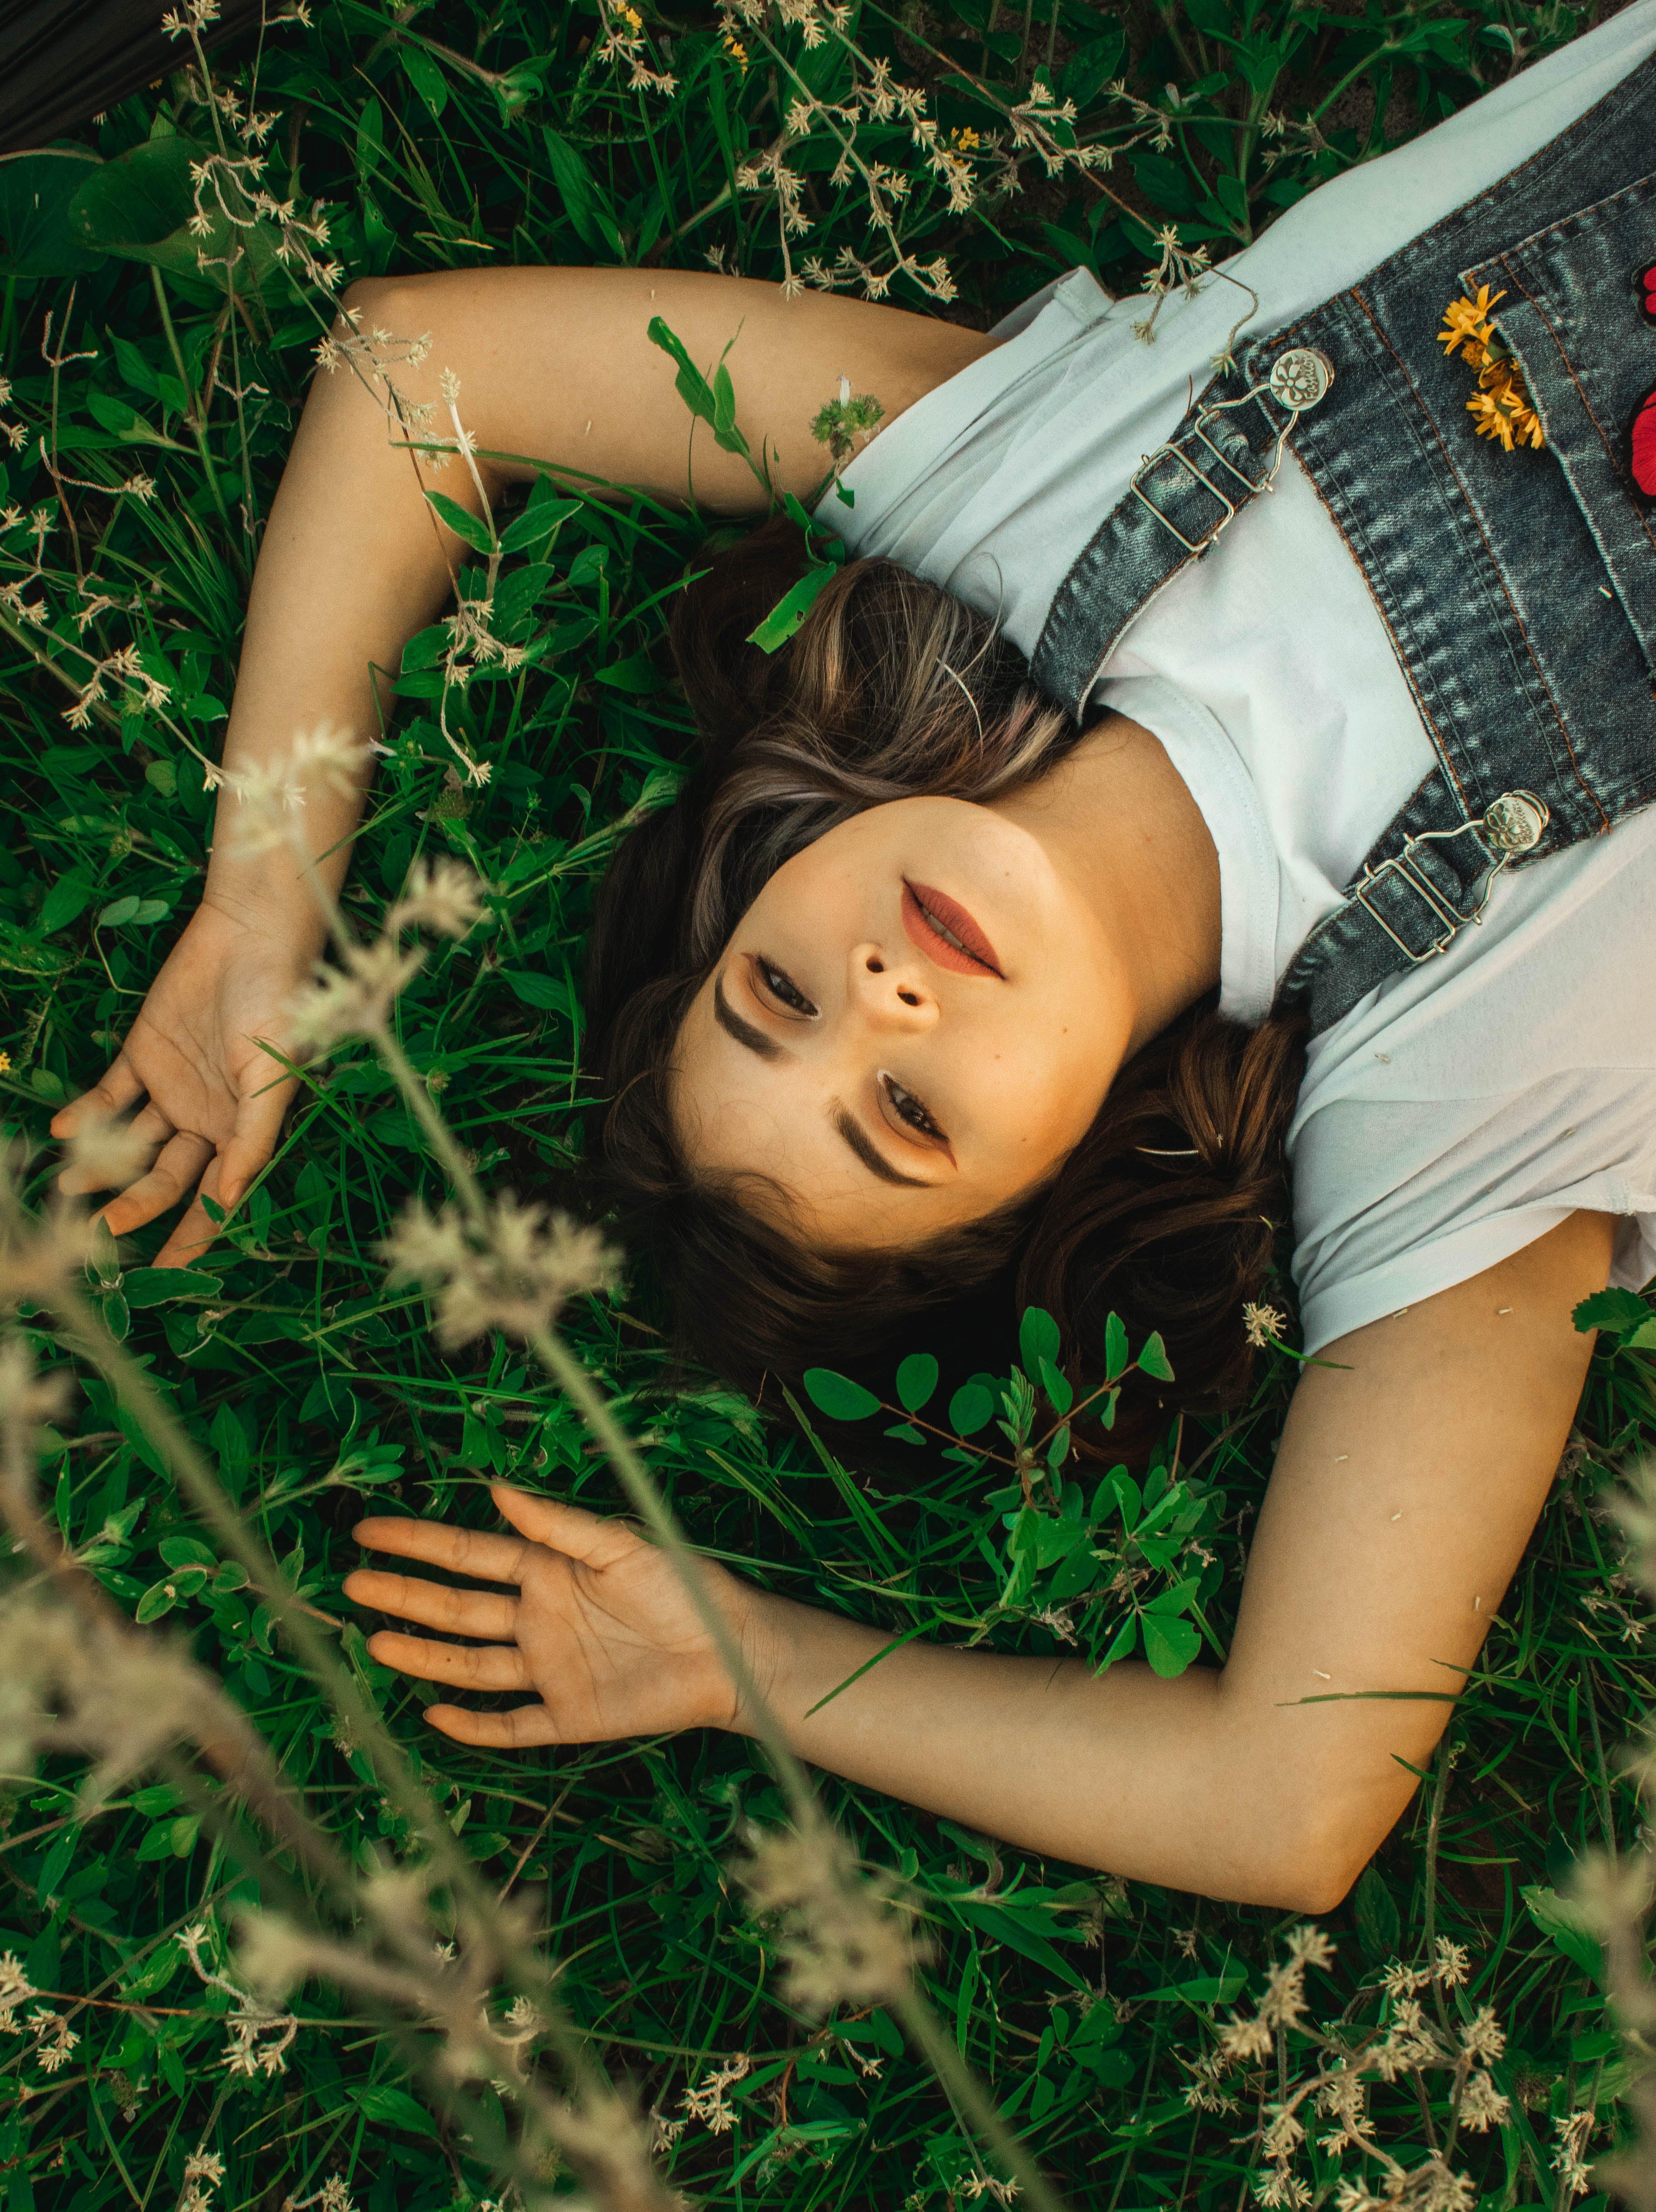 Gratis lagerfoto af græs, kvinde, mode, person